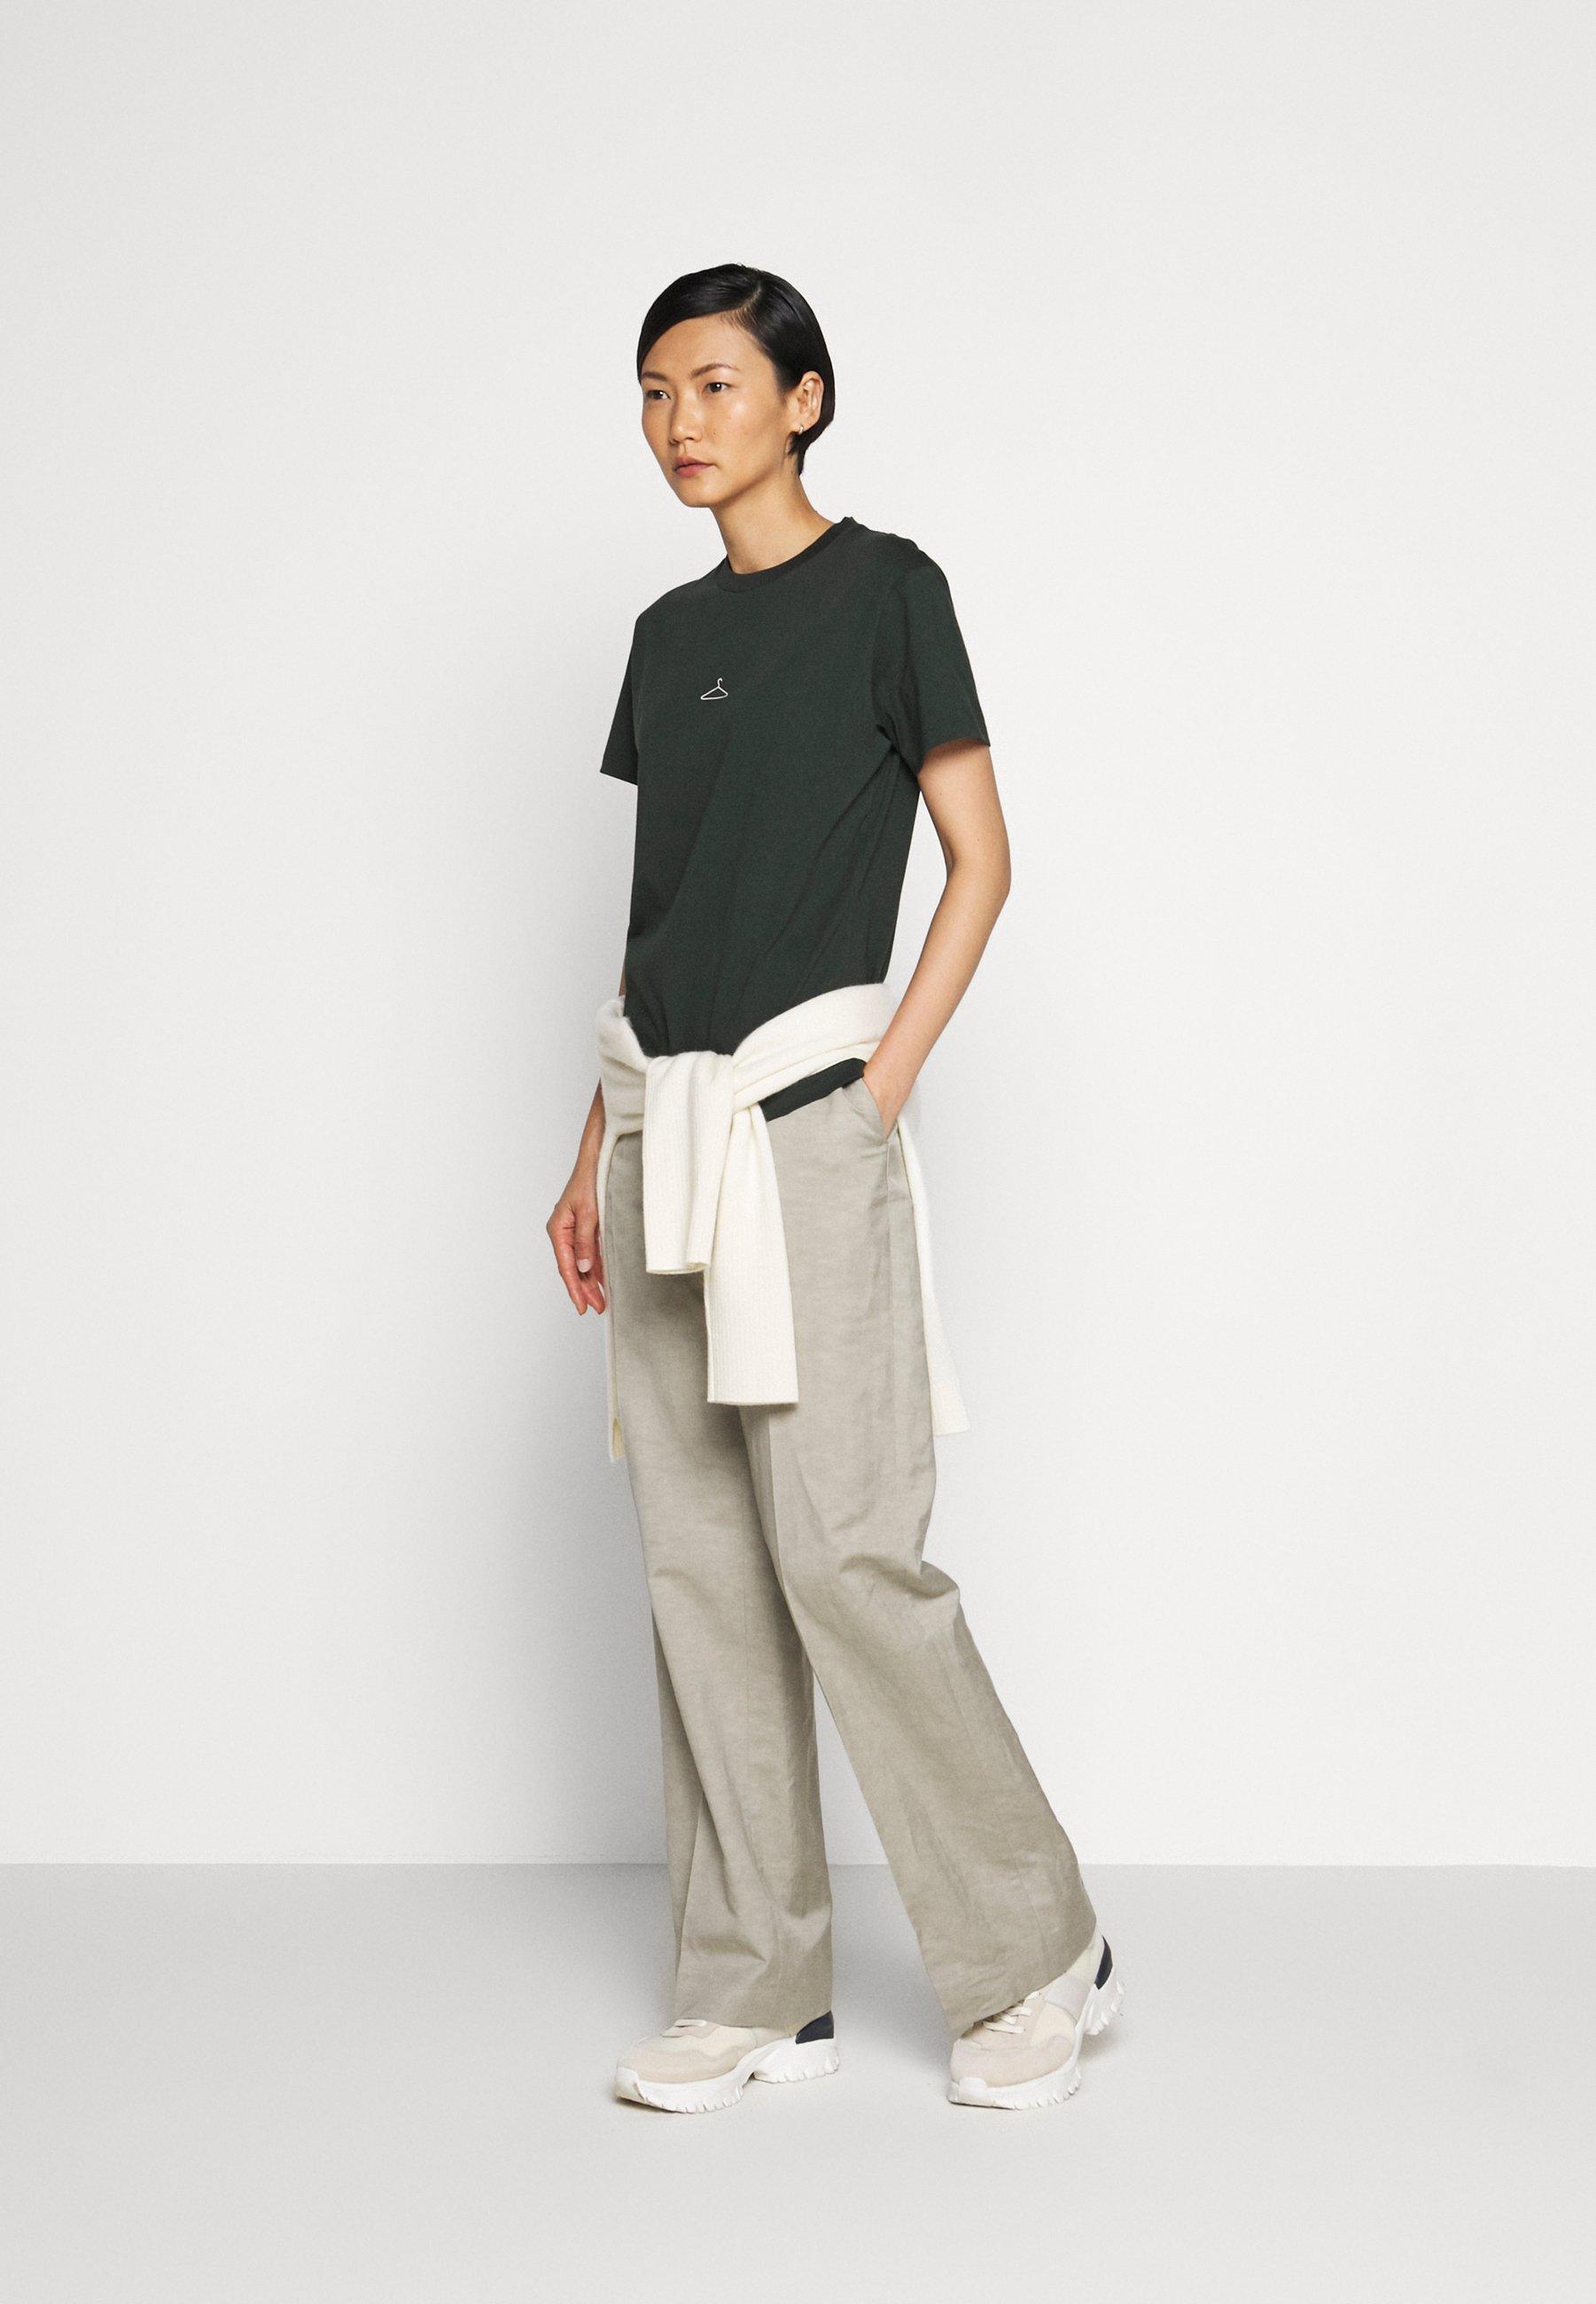 Holzweiler Suzana Tee - T-shirts New Army/oliven